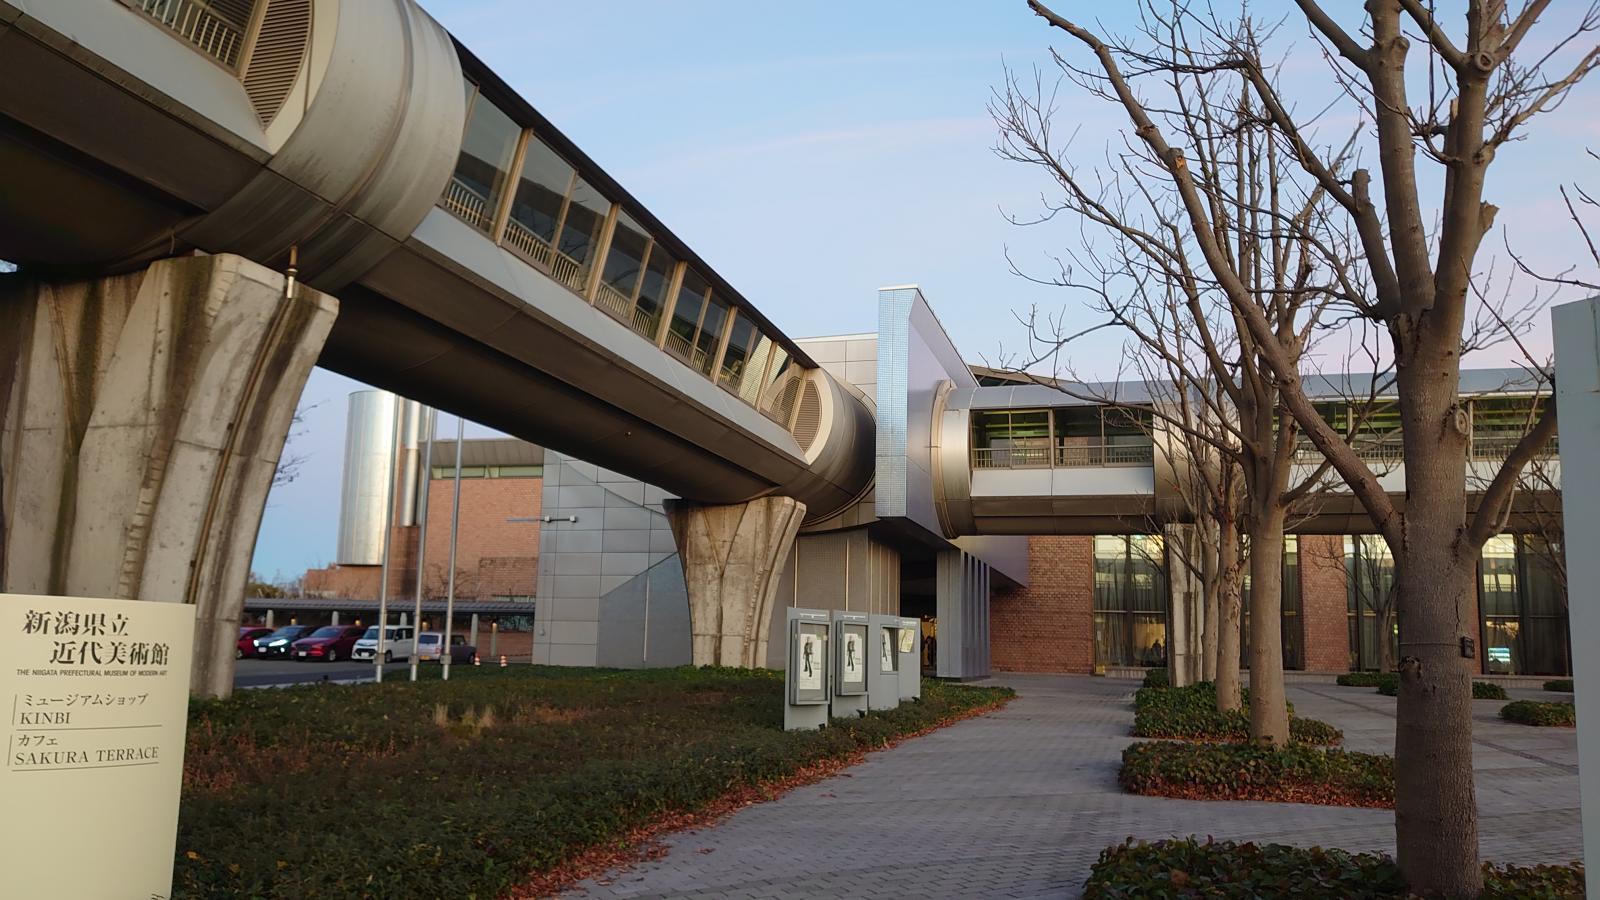 新潟県立近代美術館 外観